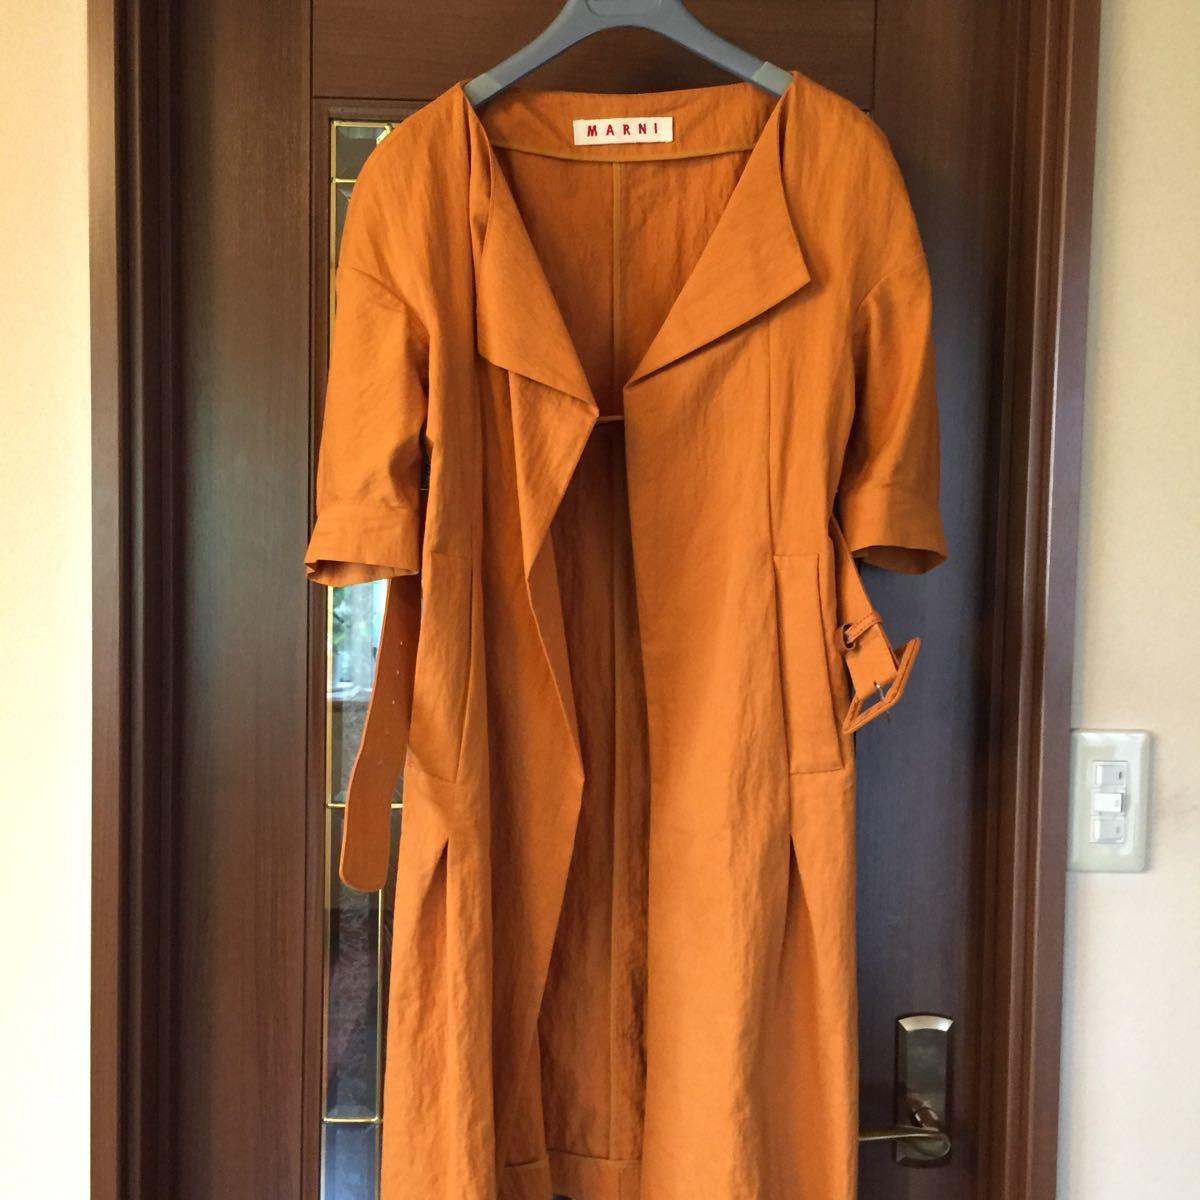 マルニ、コットン、ナイロン混紡、素敵コート